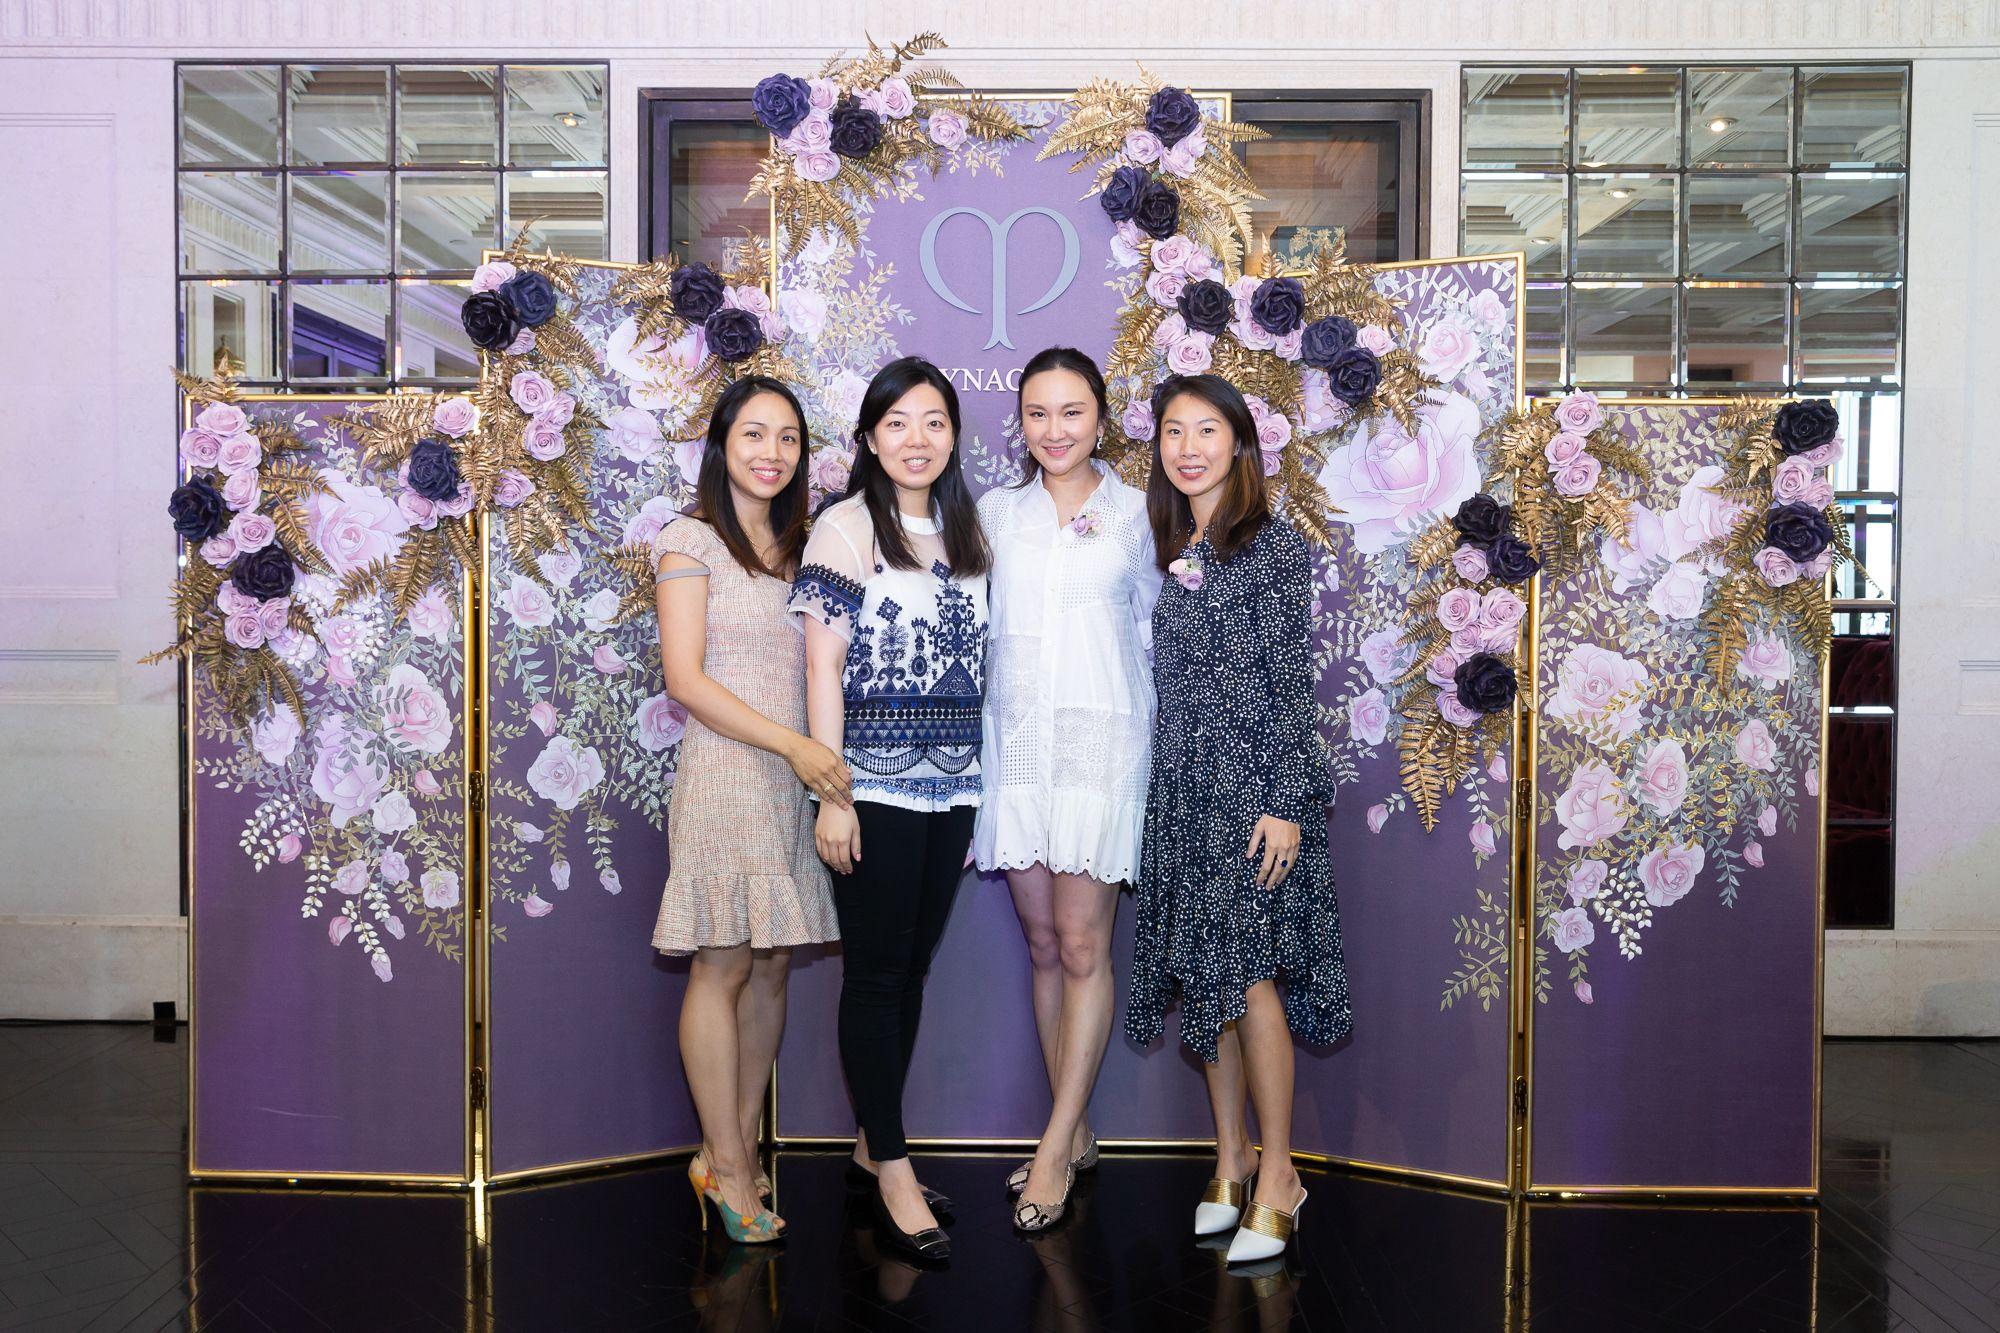 Sharon Chow, Jennifer Ma, Samantha Shek-Tung, Natalie Chan-Chu